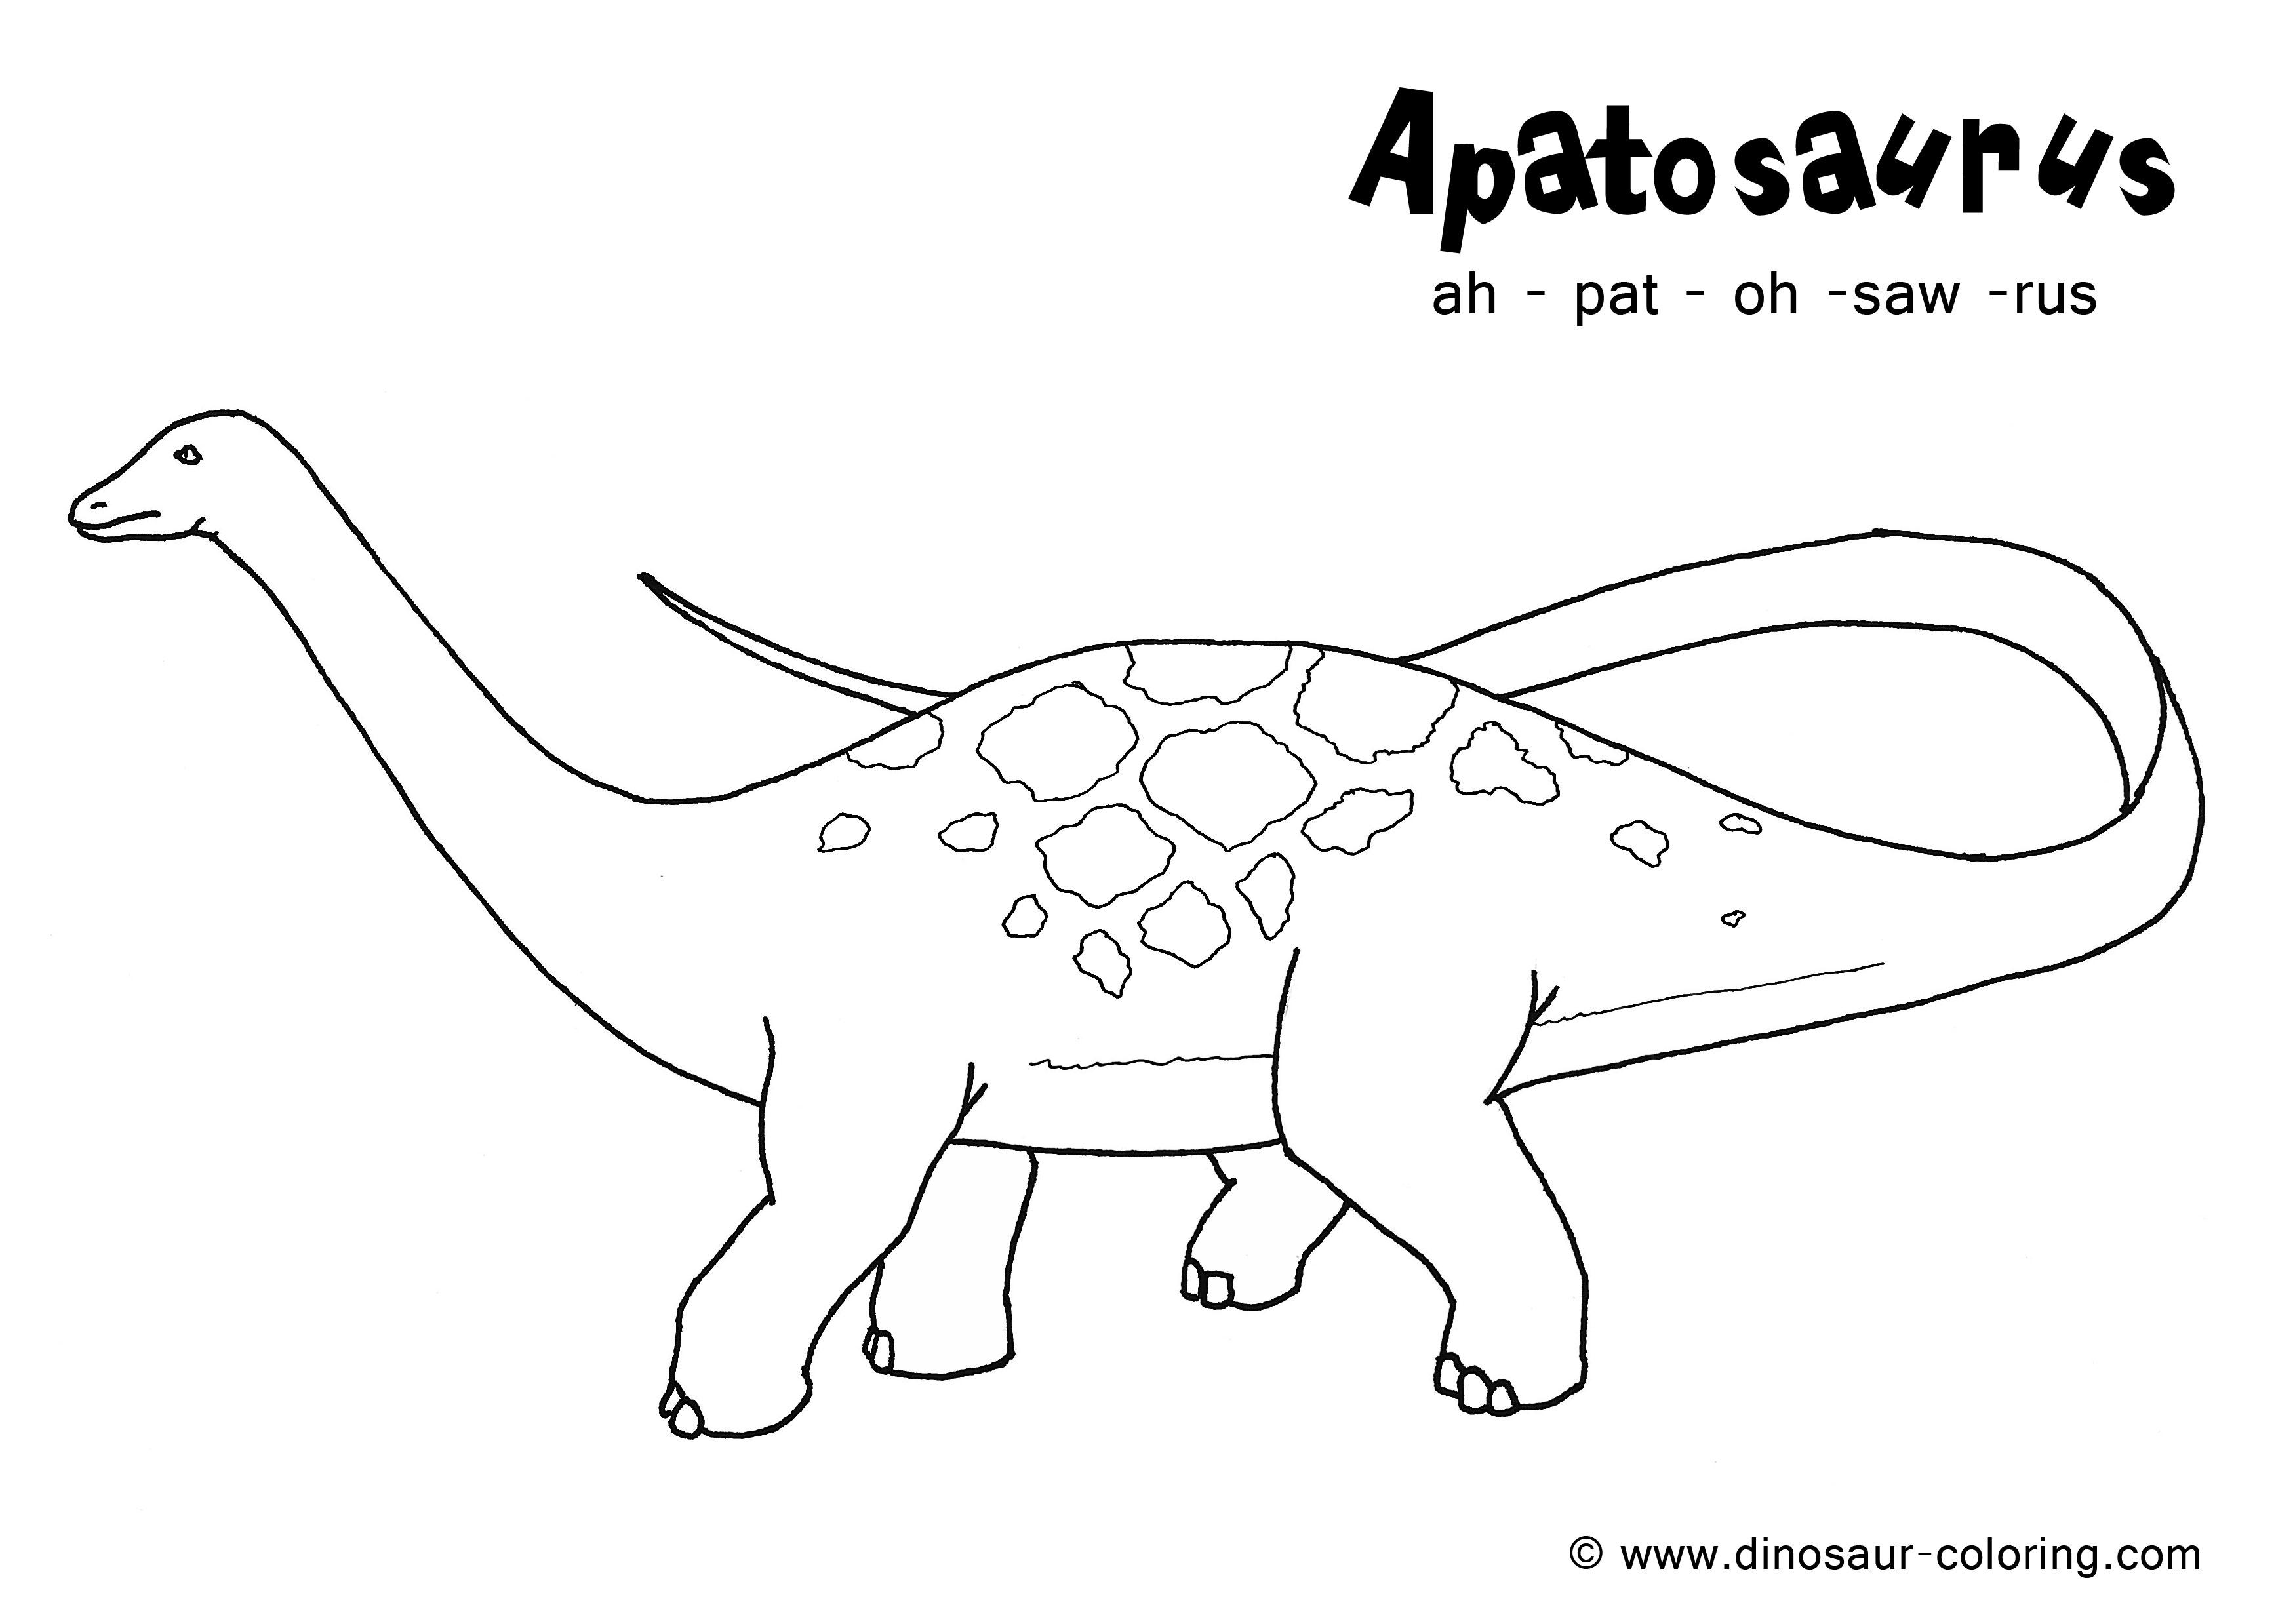 apatosaurus coloring page brontosaurus coloring pages getcoloringpagescom apatosaurus coloring page